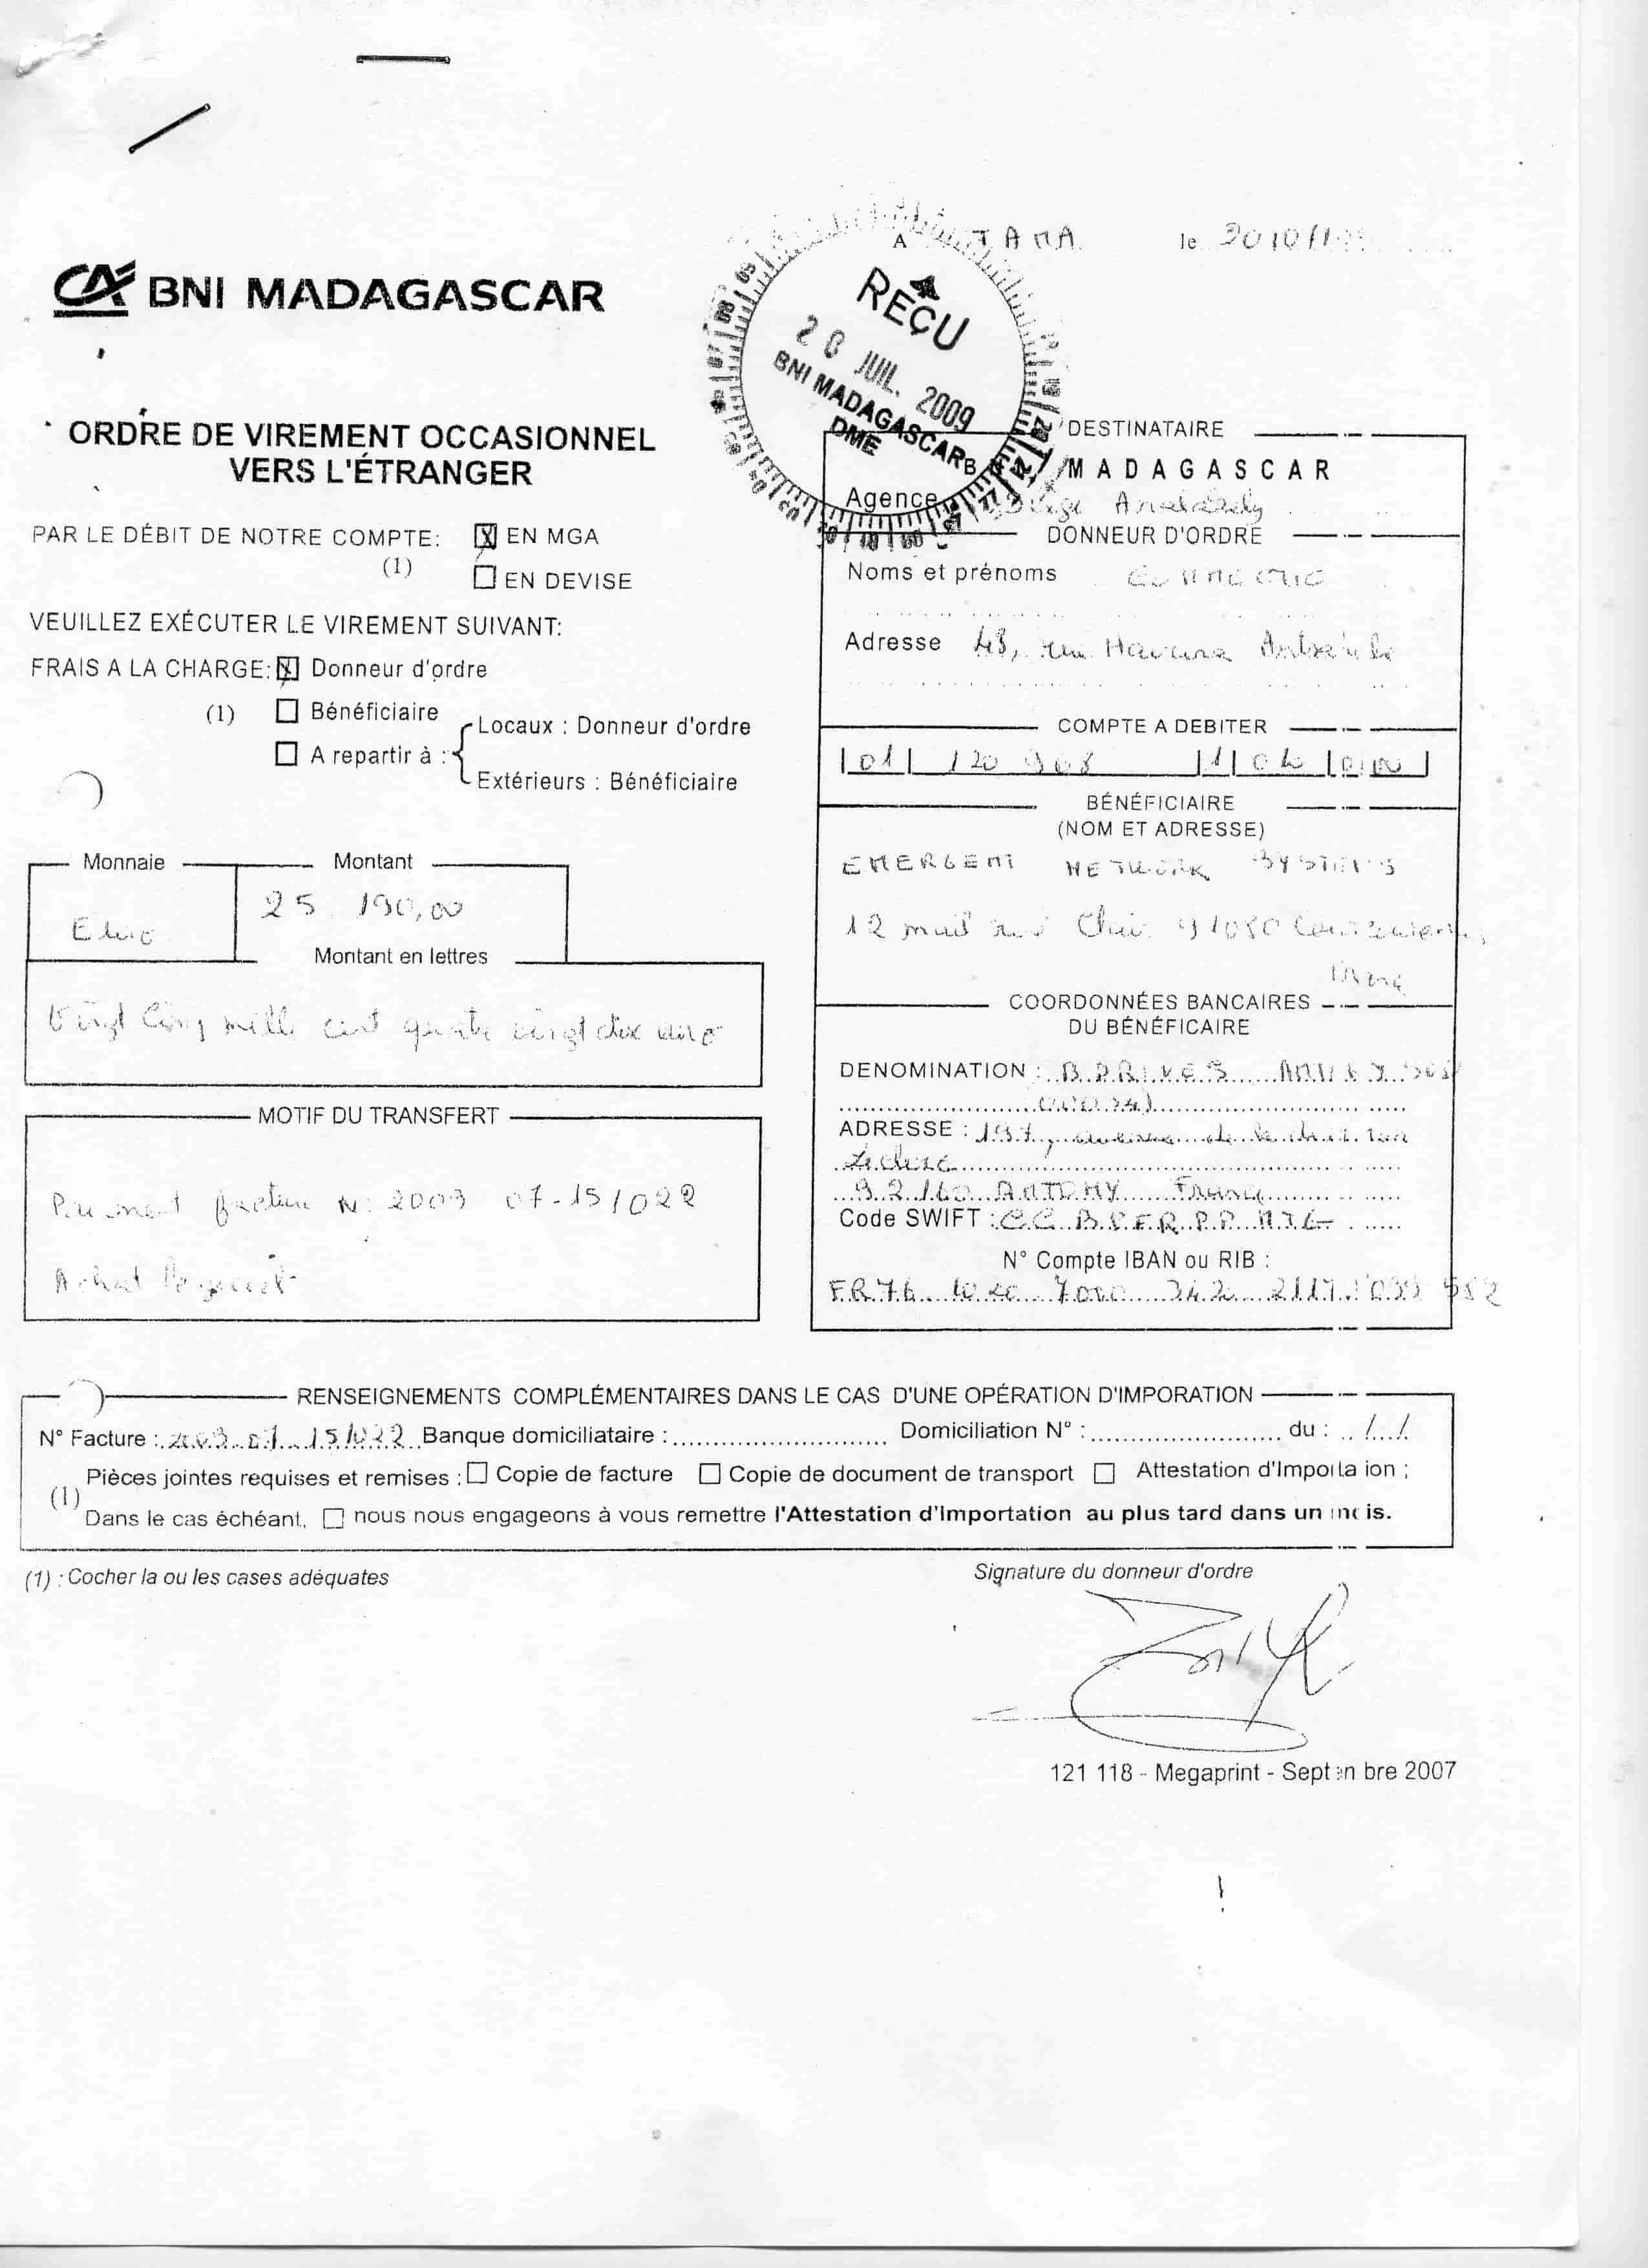 Virement 2009 signé par RANARISON Tsilavo 6 min 1 - En 2009, RANARISON Tsilavo a signé TOUS les ordres de virements bancaires de CONNECTIC Madagascar  vers EMERGENT